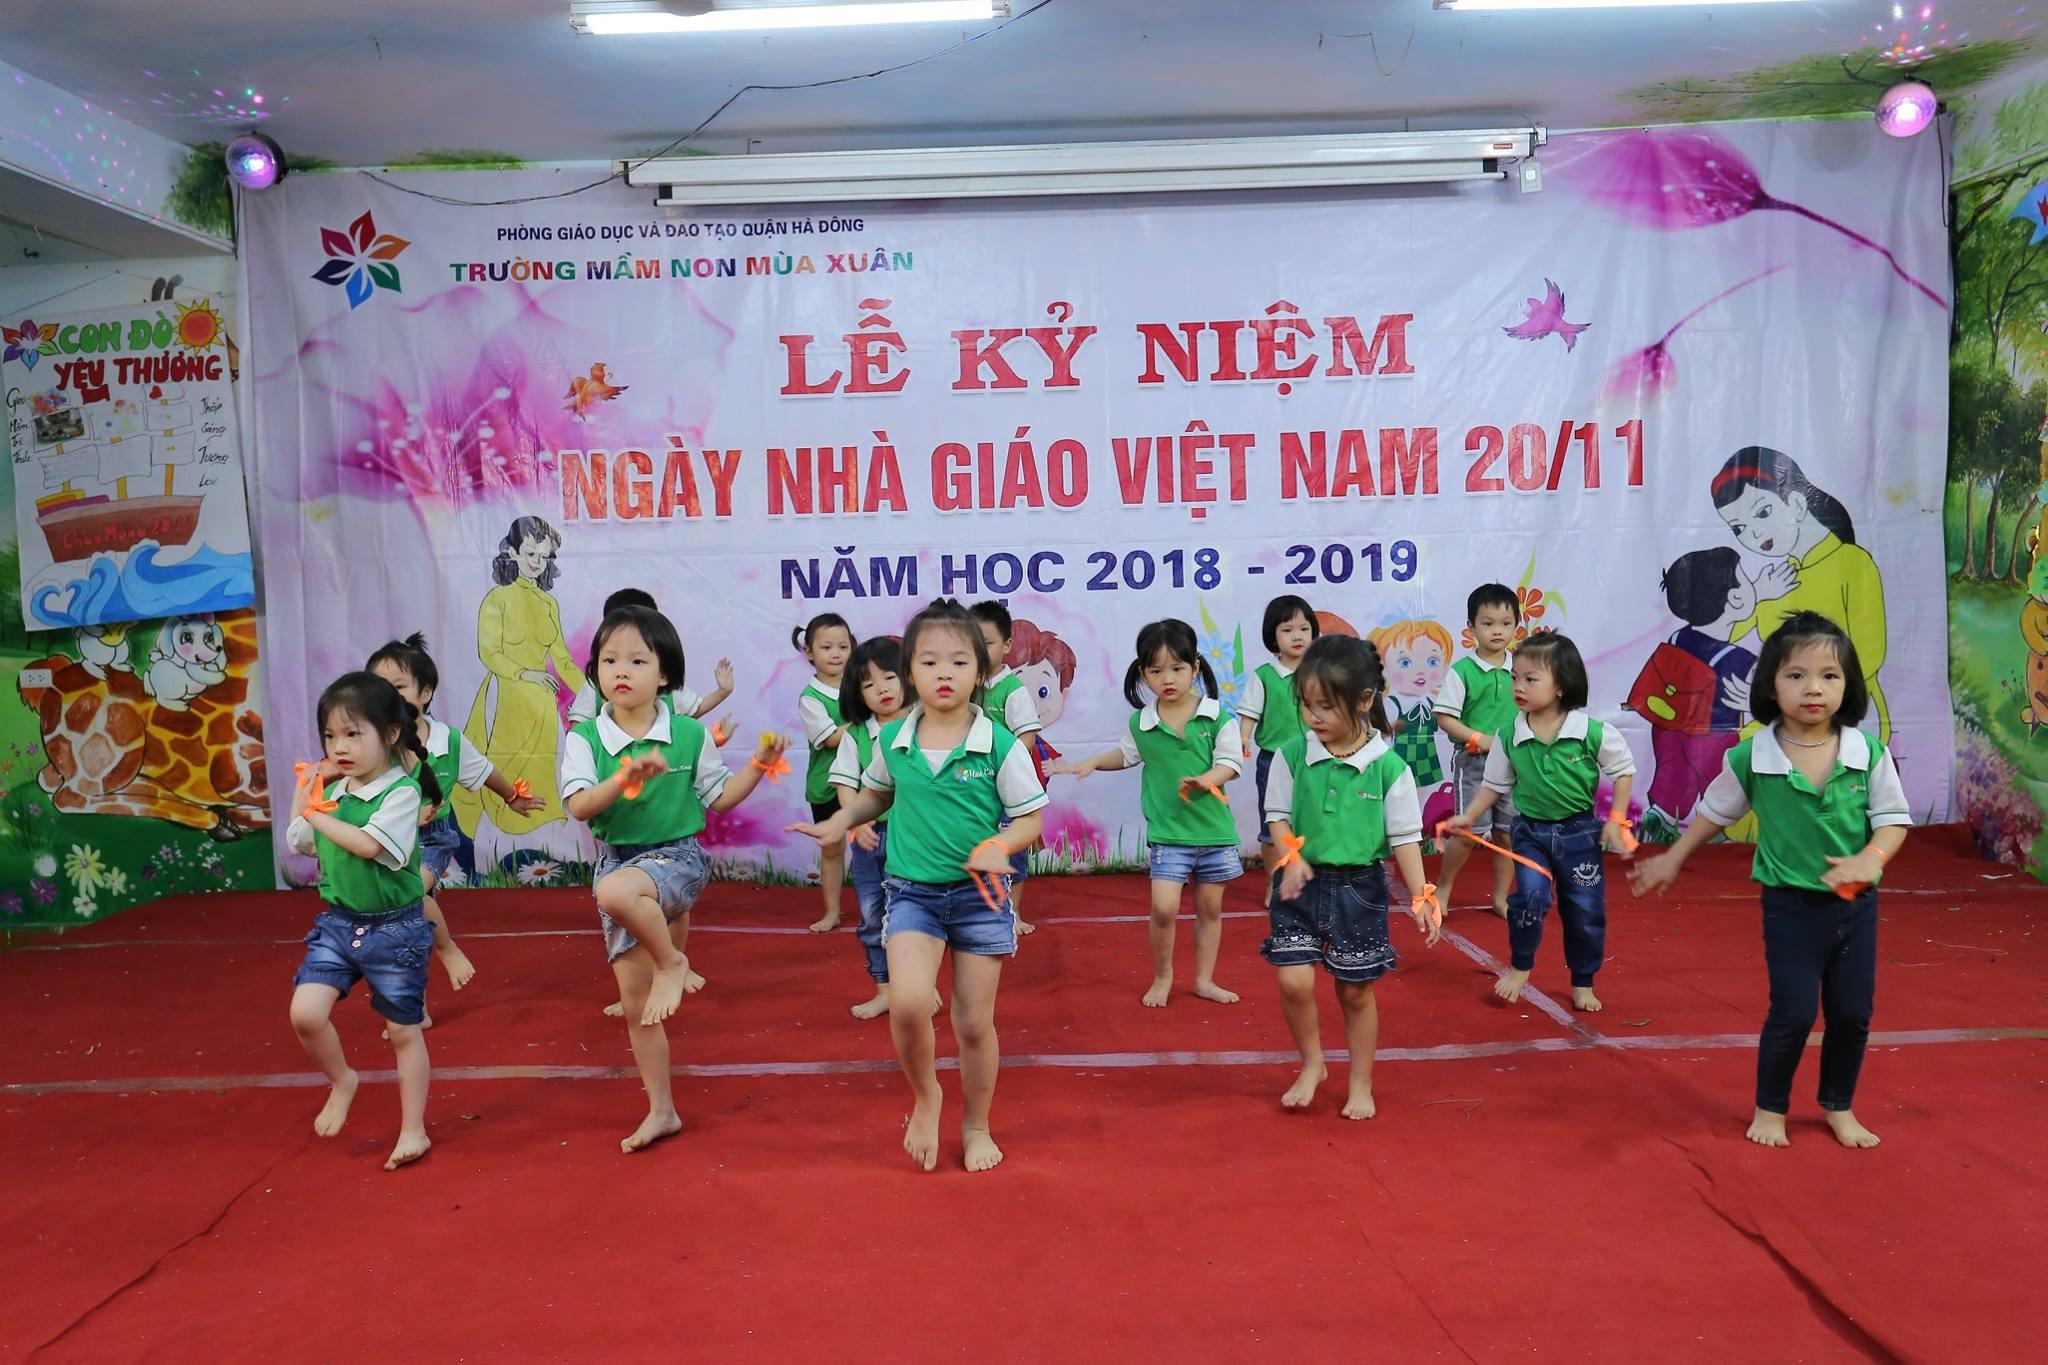 Trường mầm non Mùa Xuân (Cơ sở 3) - La Khê